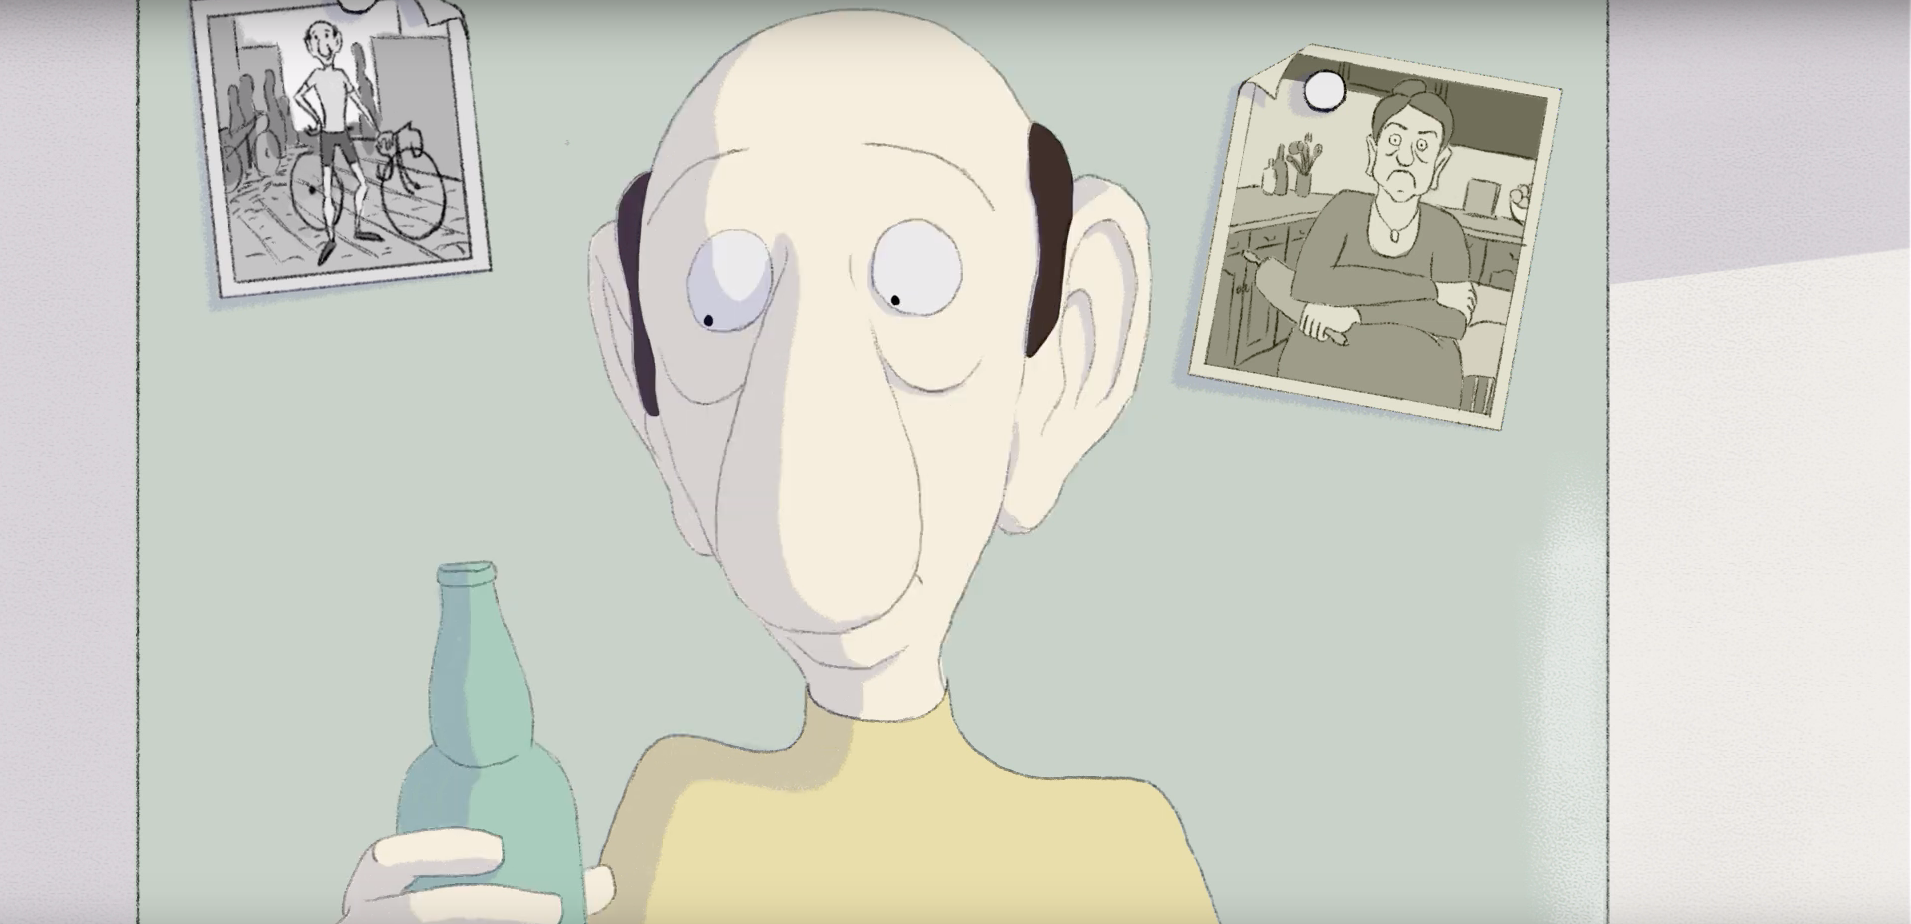 Au bout du rouleau - ECV Animation